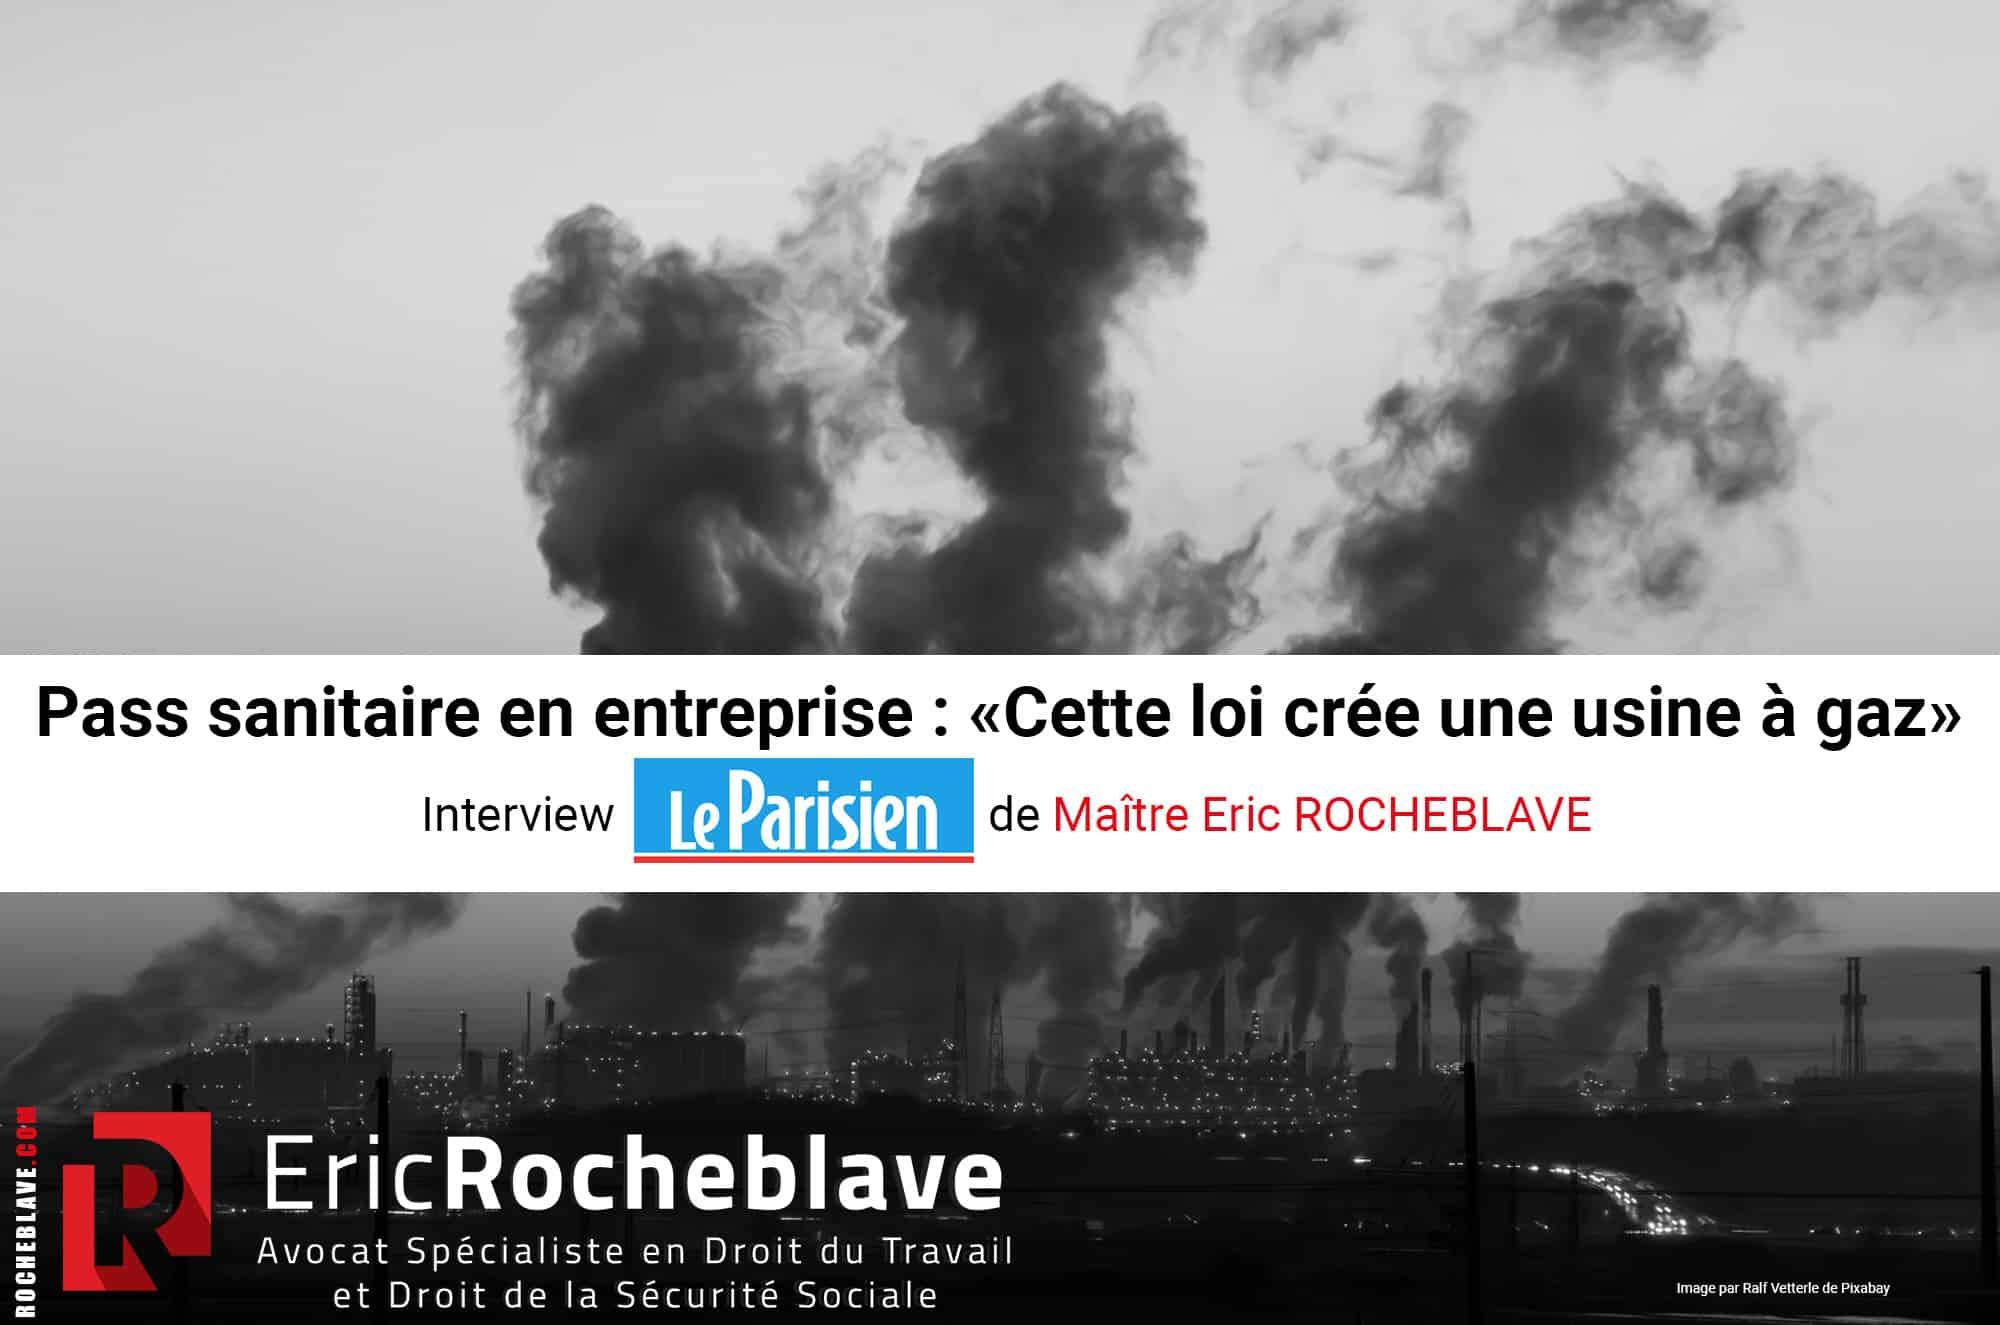 Pass sanitaire en entreprise : «Cette loi crée une usine à gaz» - Interview Le Parisien de Maître Eric ROCHEBLAVE